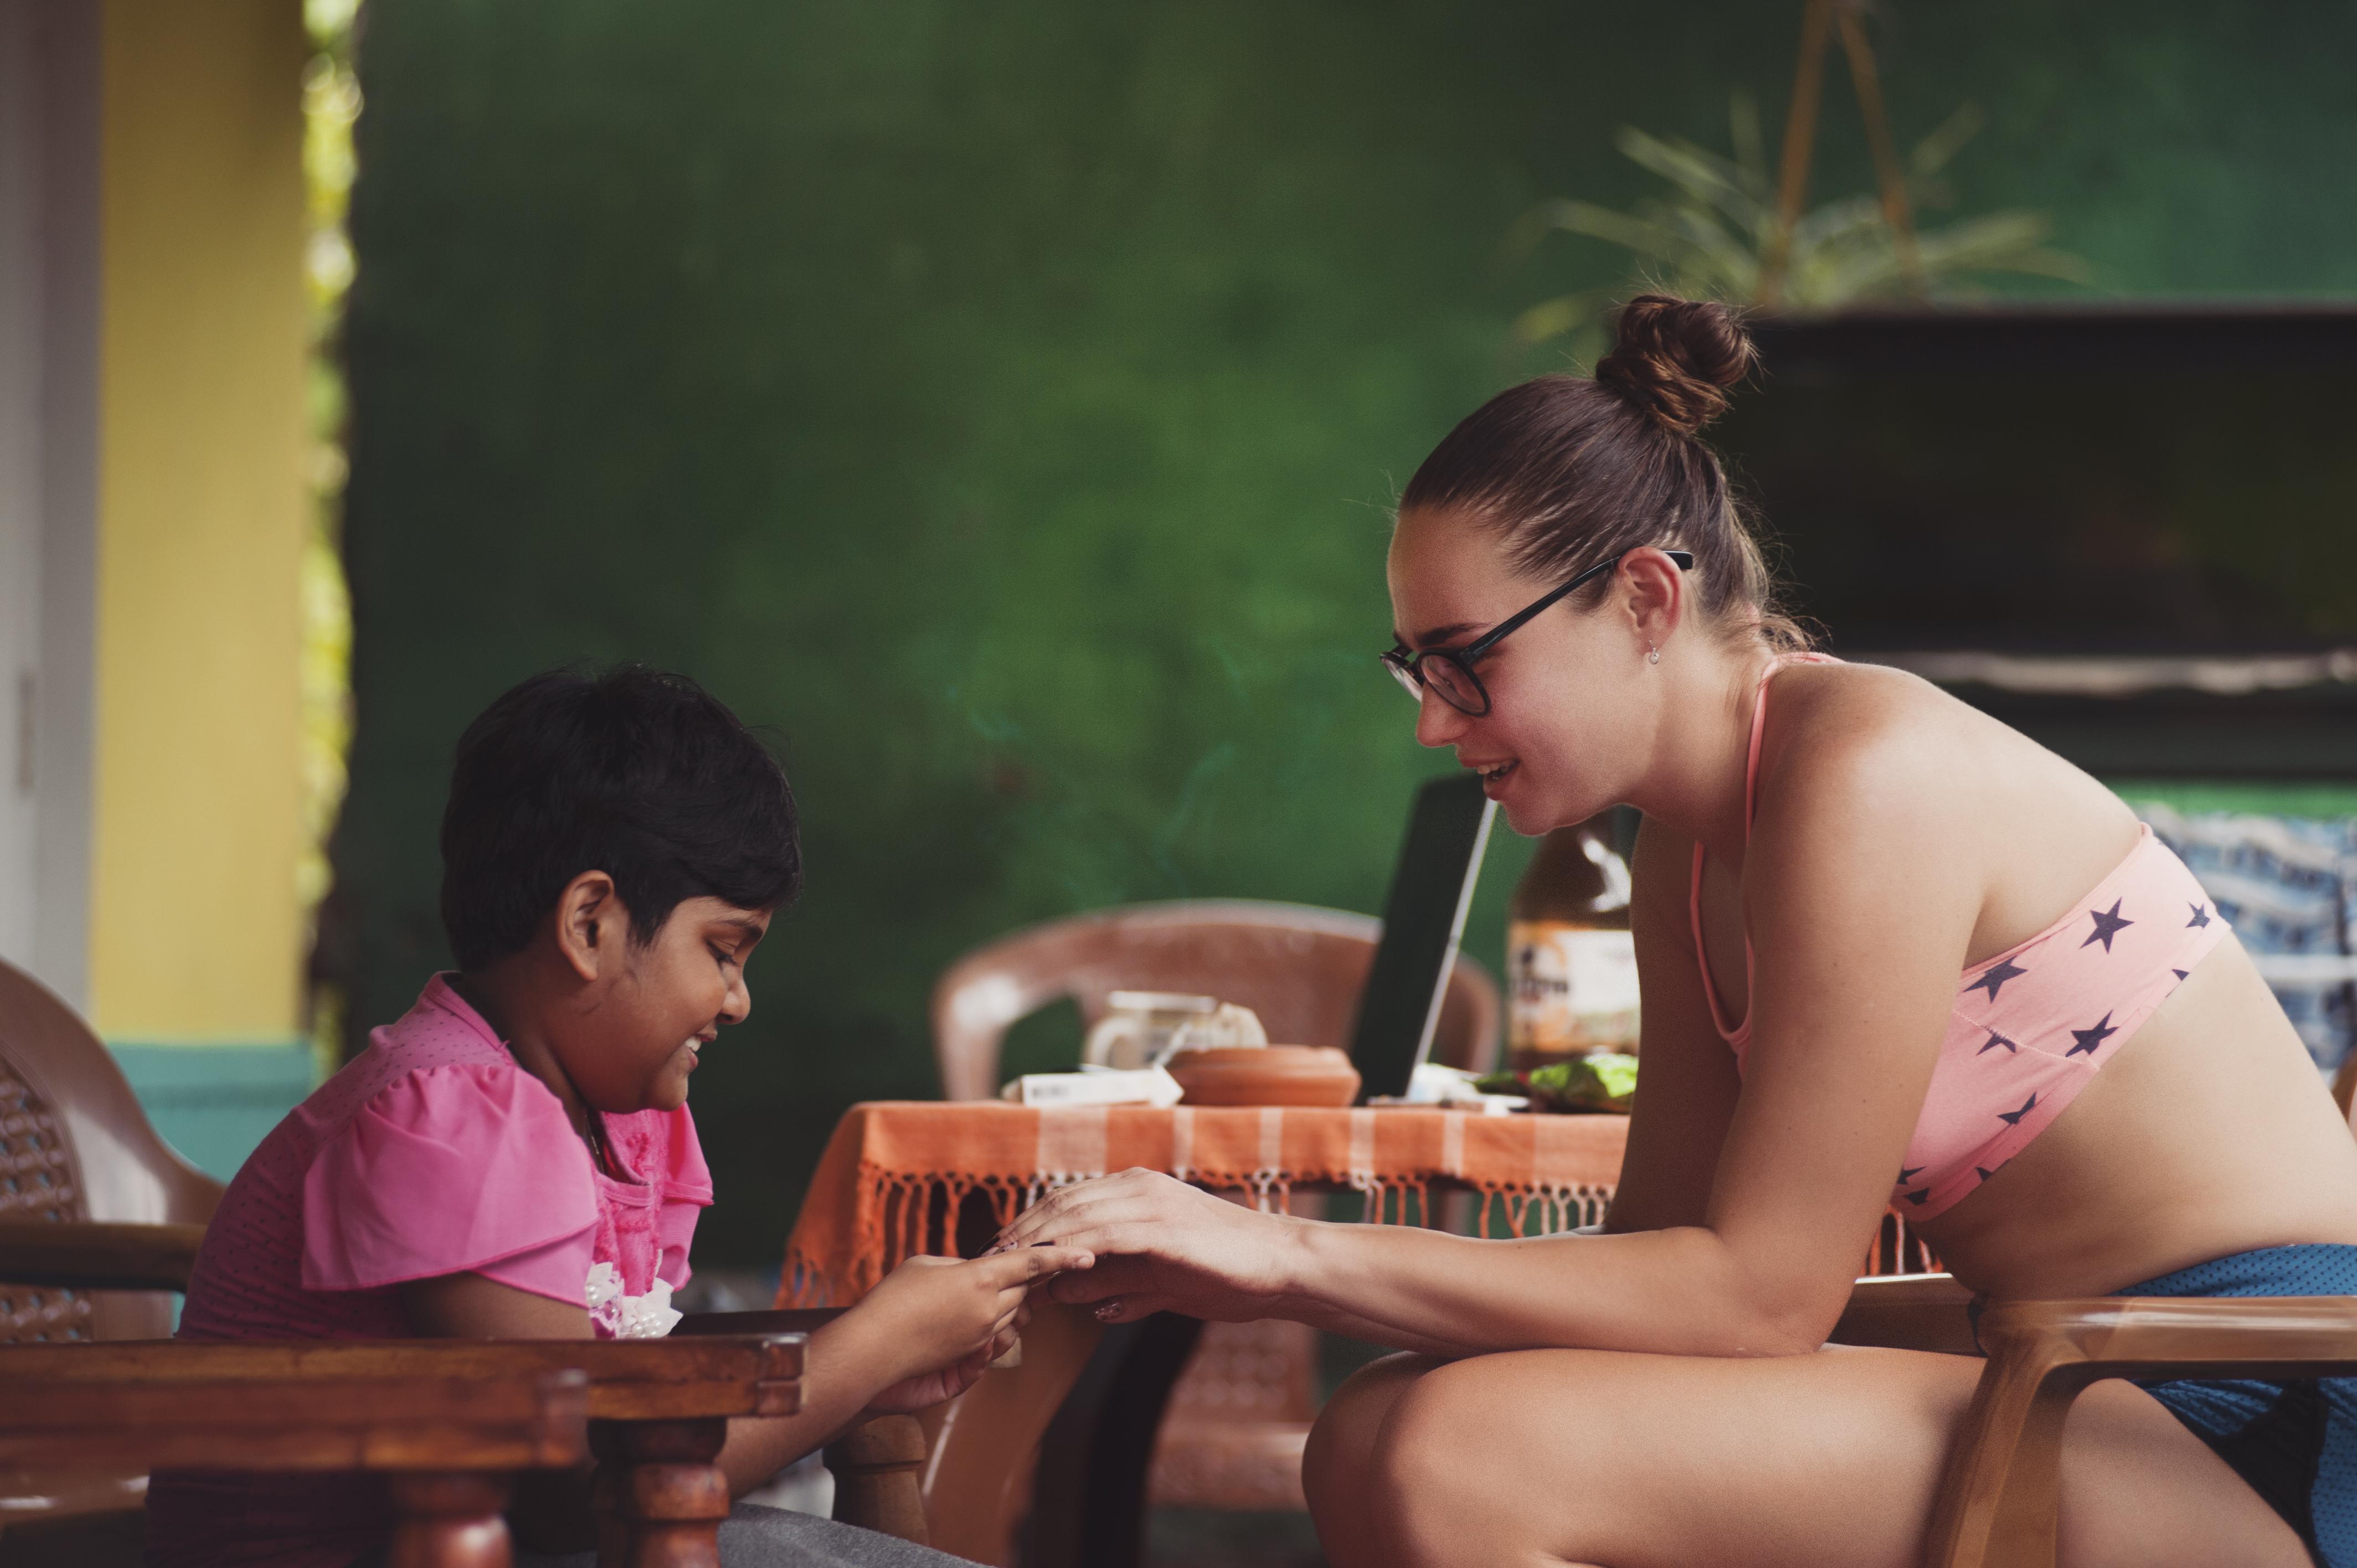 brincando com uma criança Unsplash Uma mulher e uma criança sentadas em cadeiras opostas uma à outra e brincando EXIF expos_time: 1/4000 · make: Nikon